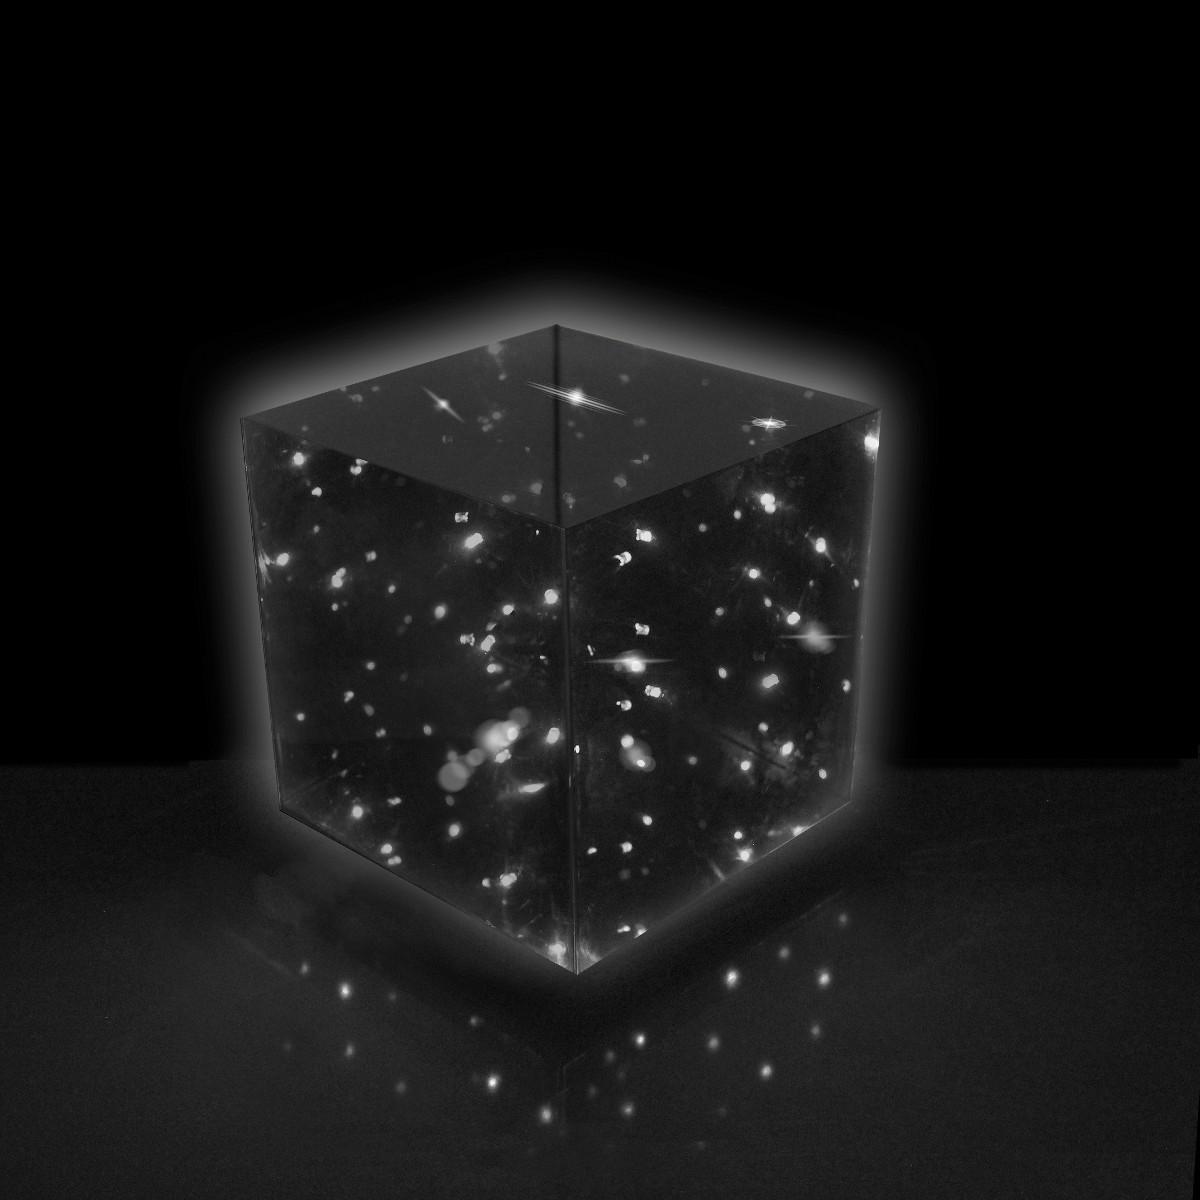 Cubo infinito – La infinidad compacta